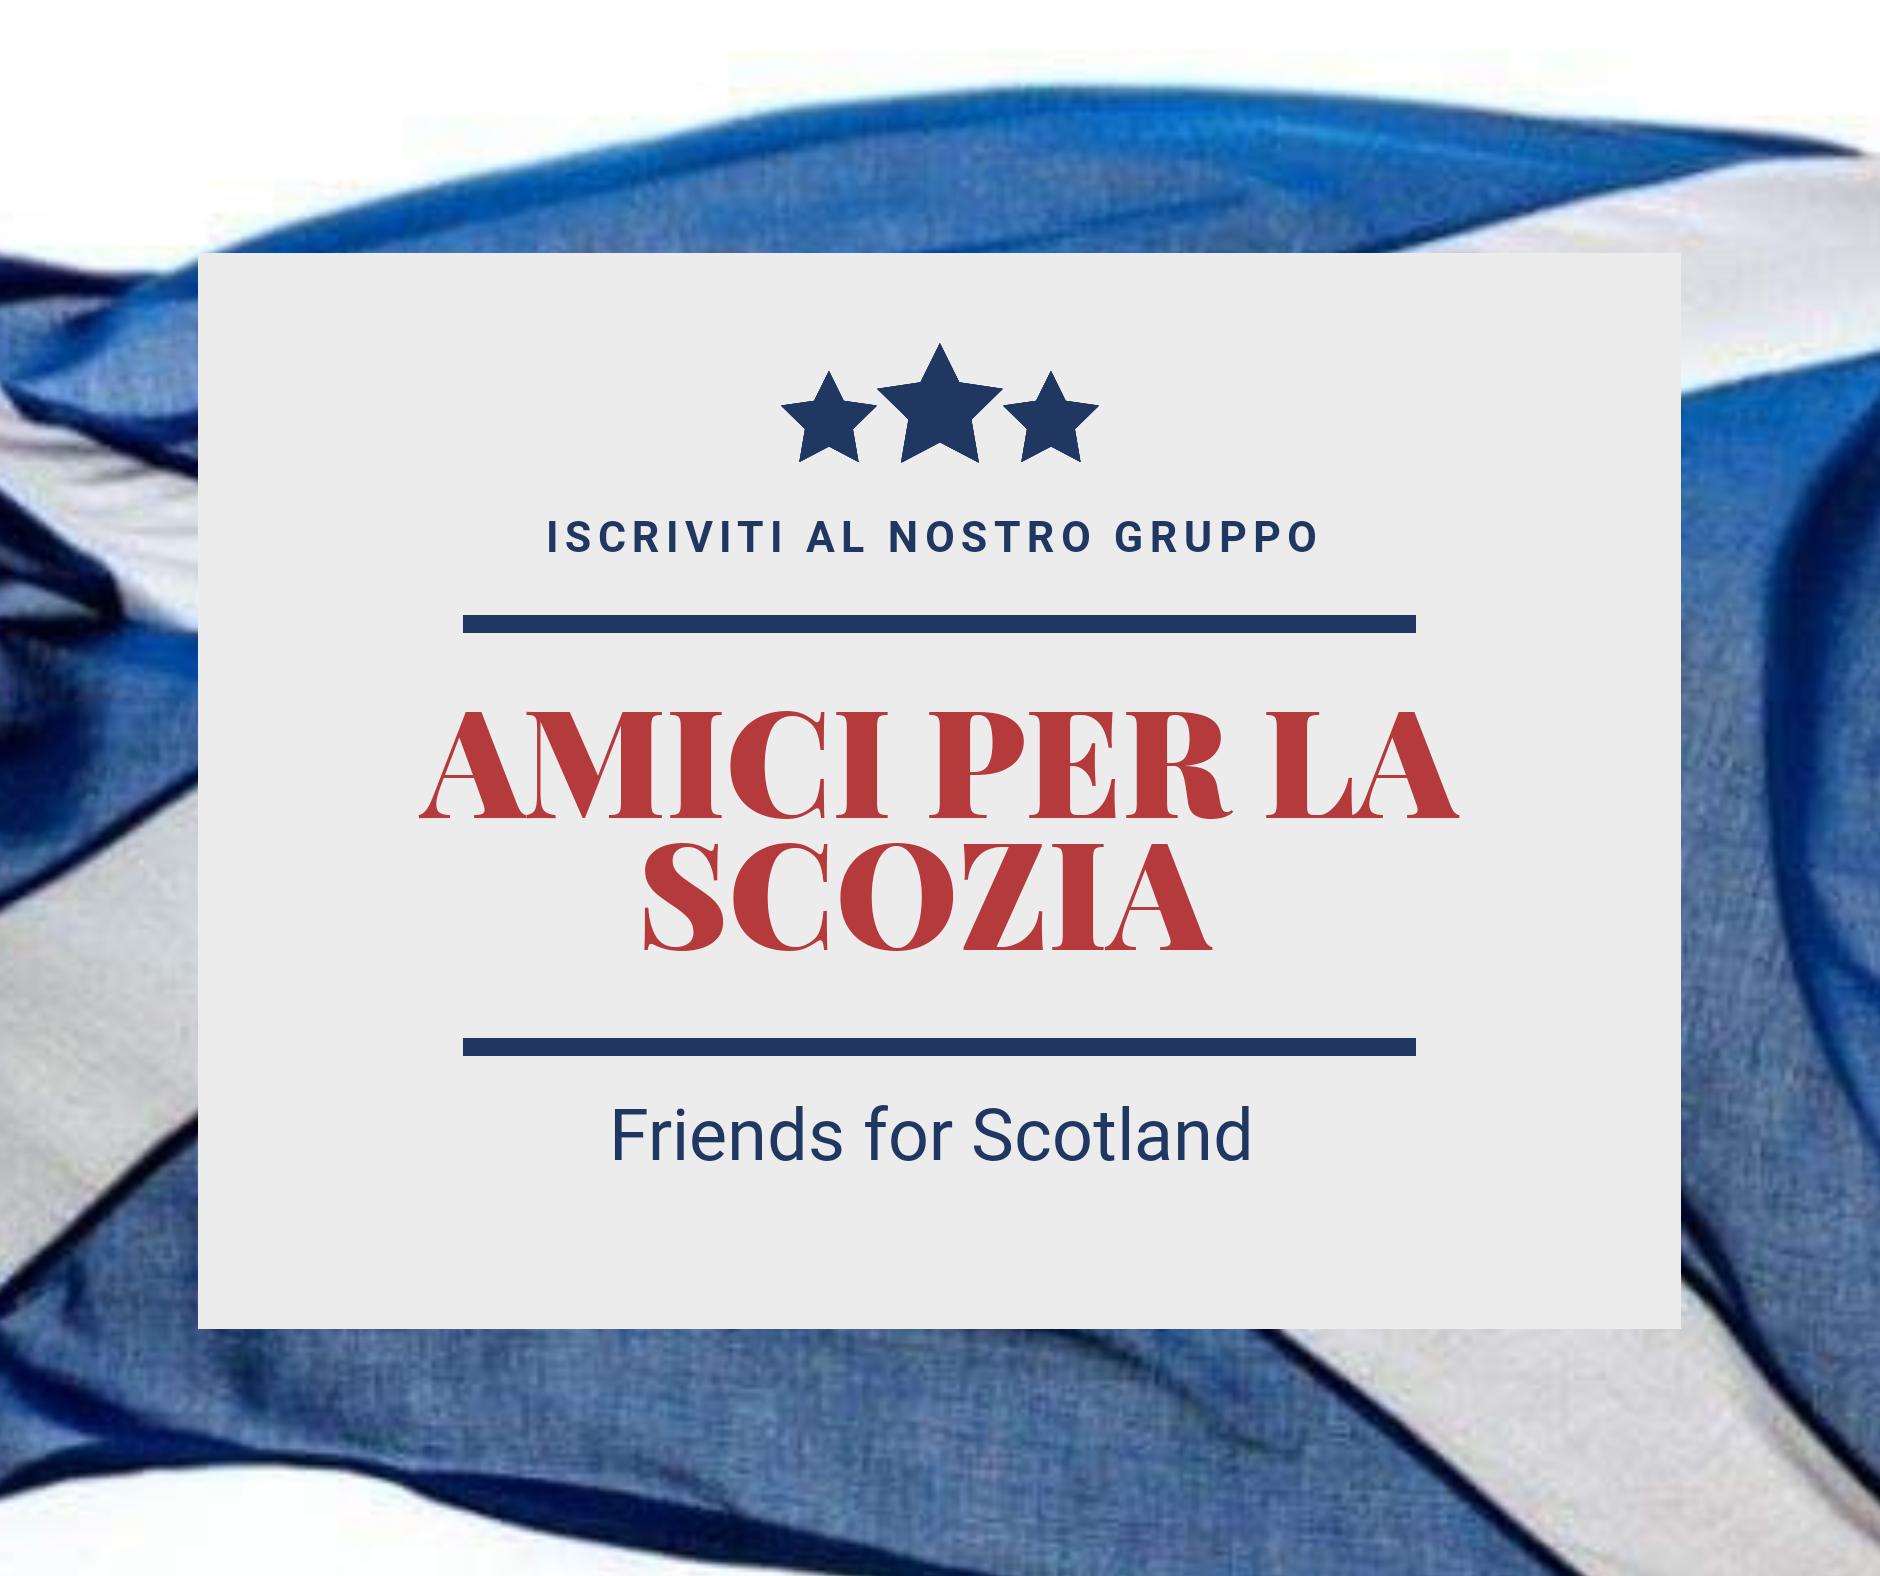 Amici per la Scozia